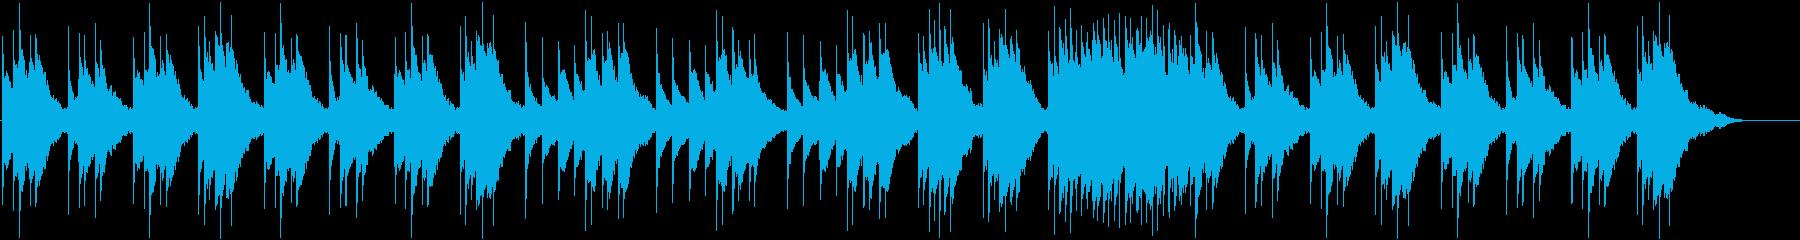 オルゴール/お散歩/子犬/ハムスターの再生済みの波形